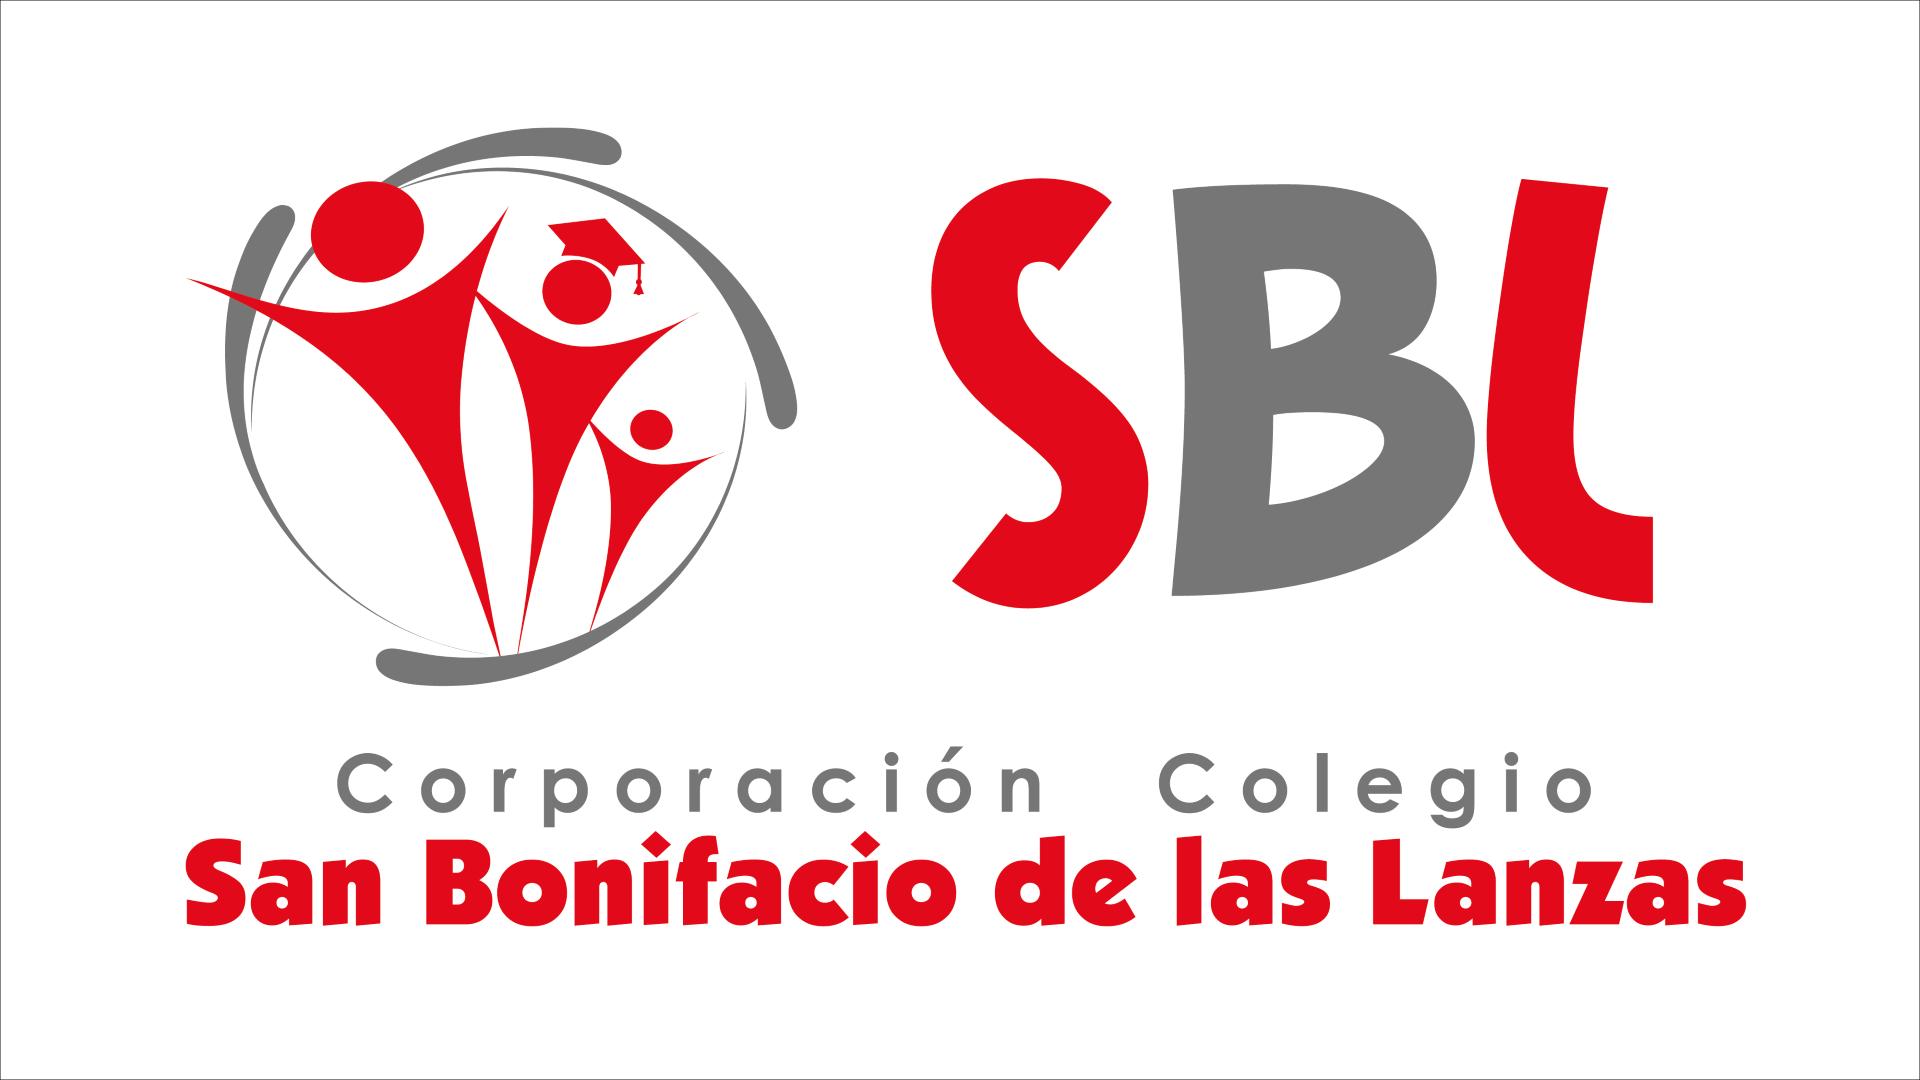 Colegio San Bonifacio de las Lanzas - Logo